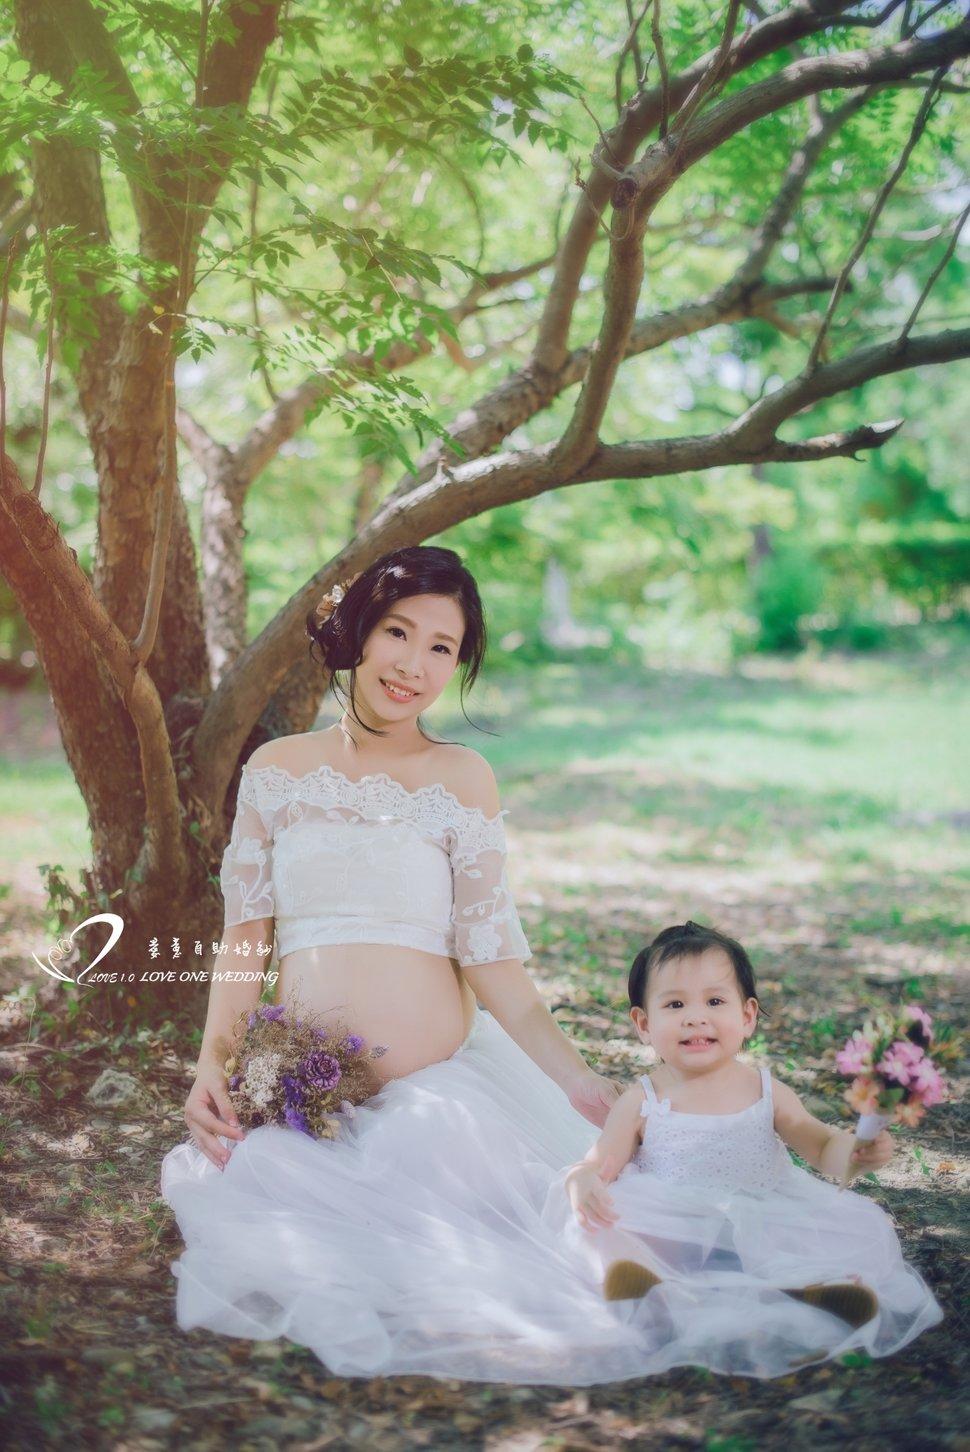 愛意孕婦寫真X全家福親子照推薦1 - 高雄婚紗愛意婚紗攝影工作室《結婚吧》